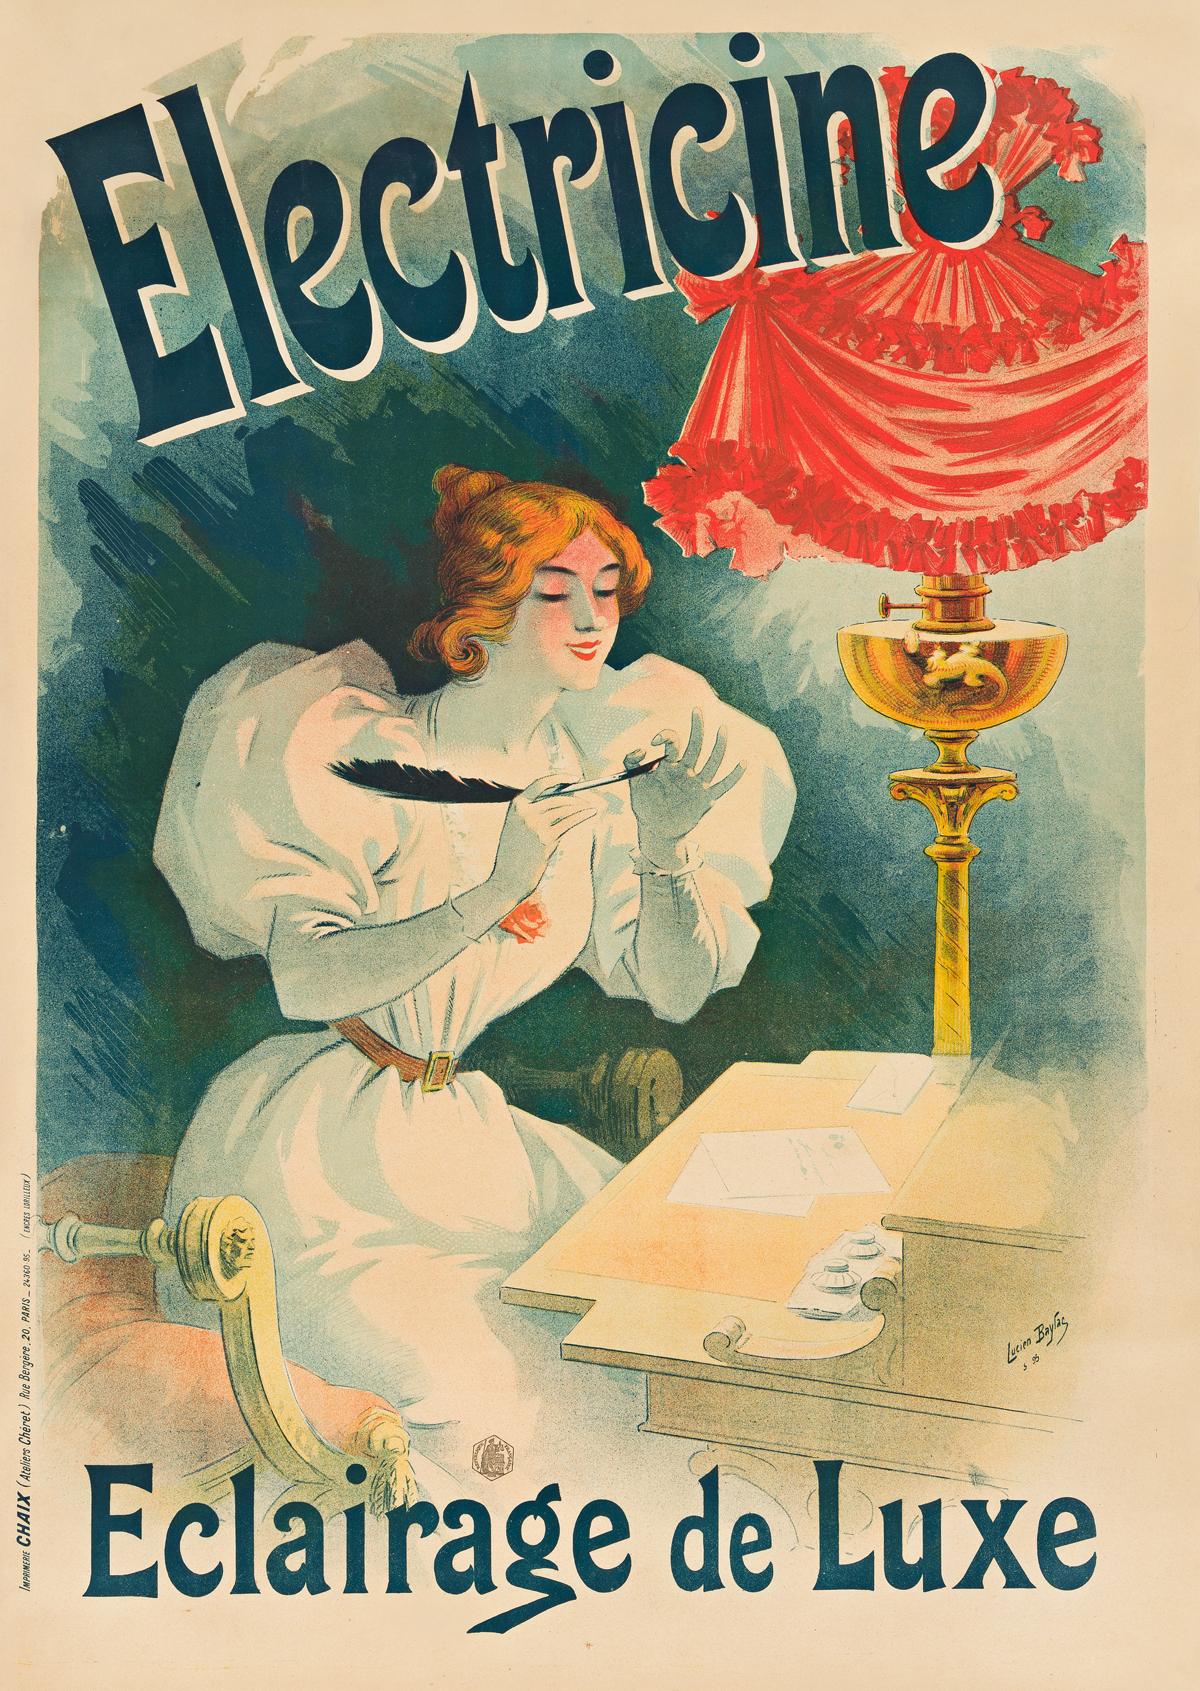 LUCIEN BAYLAC (1851-1913).  ELECTRICINE / ECLAIRAGE DE LUXE. 1895. 48x34 inches, 123x87 cm. Chaix, Paris.